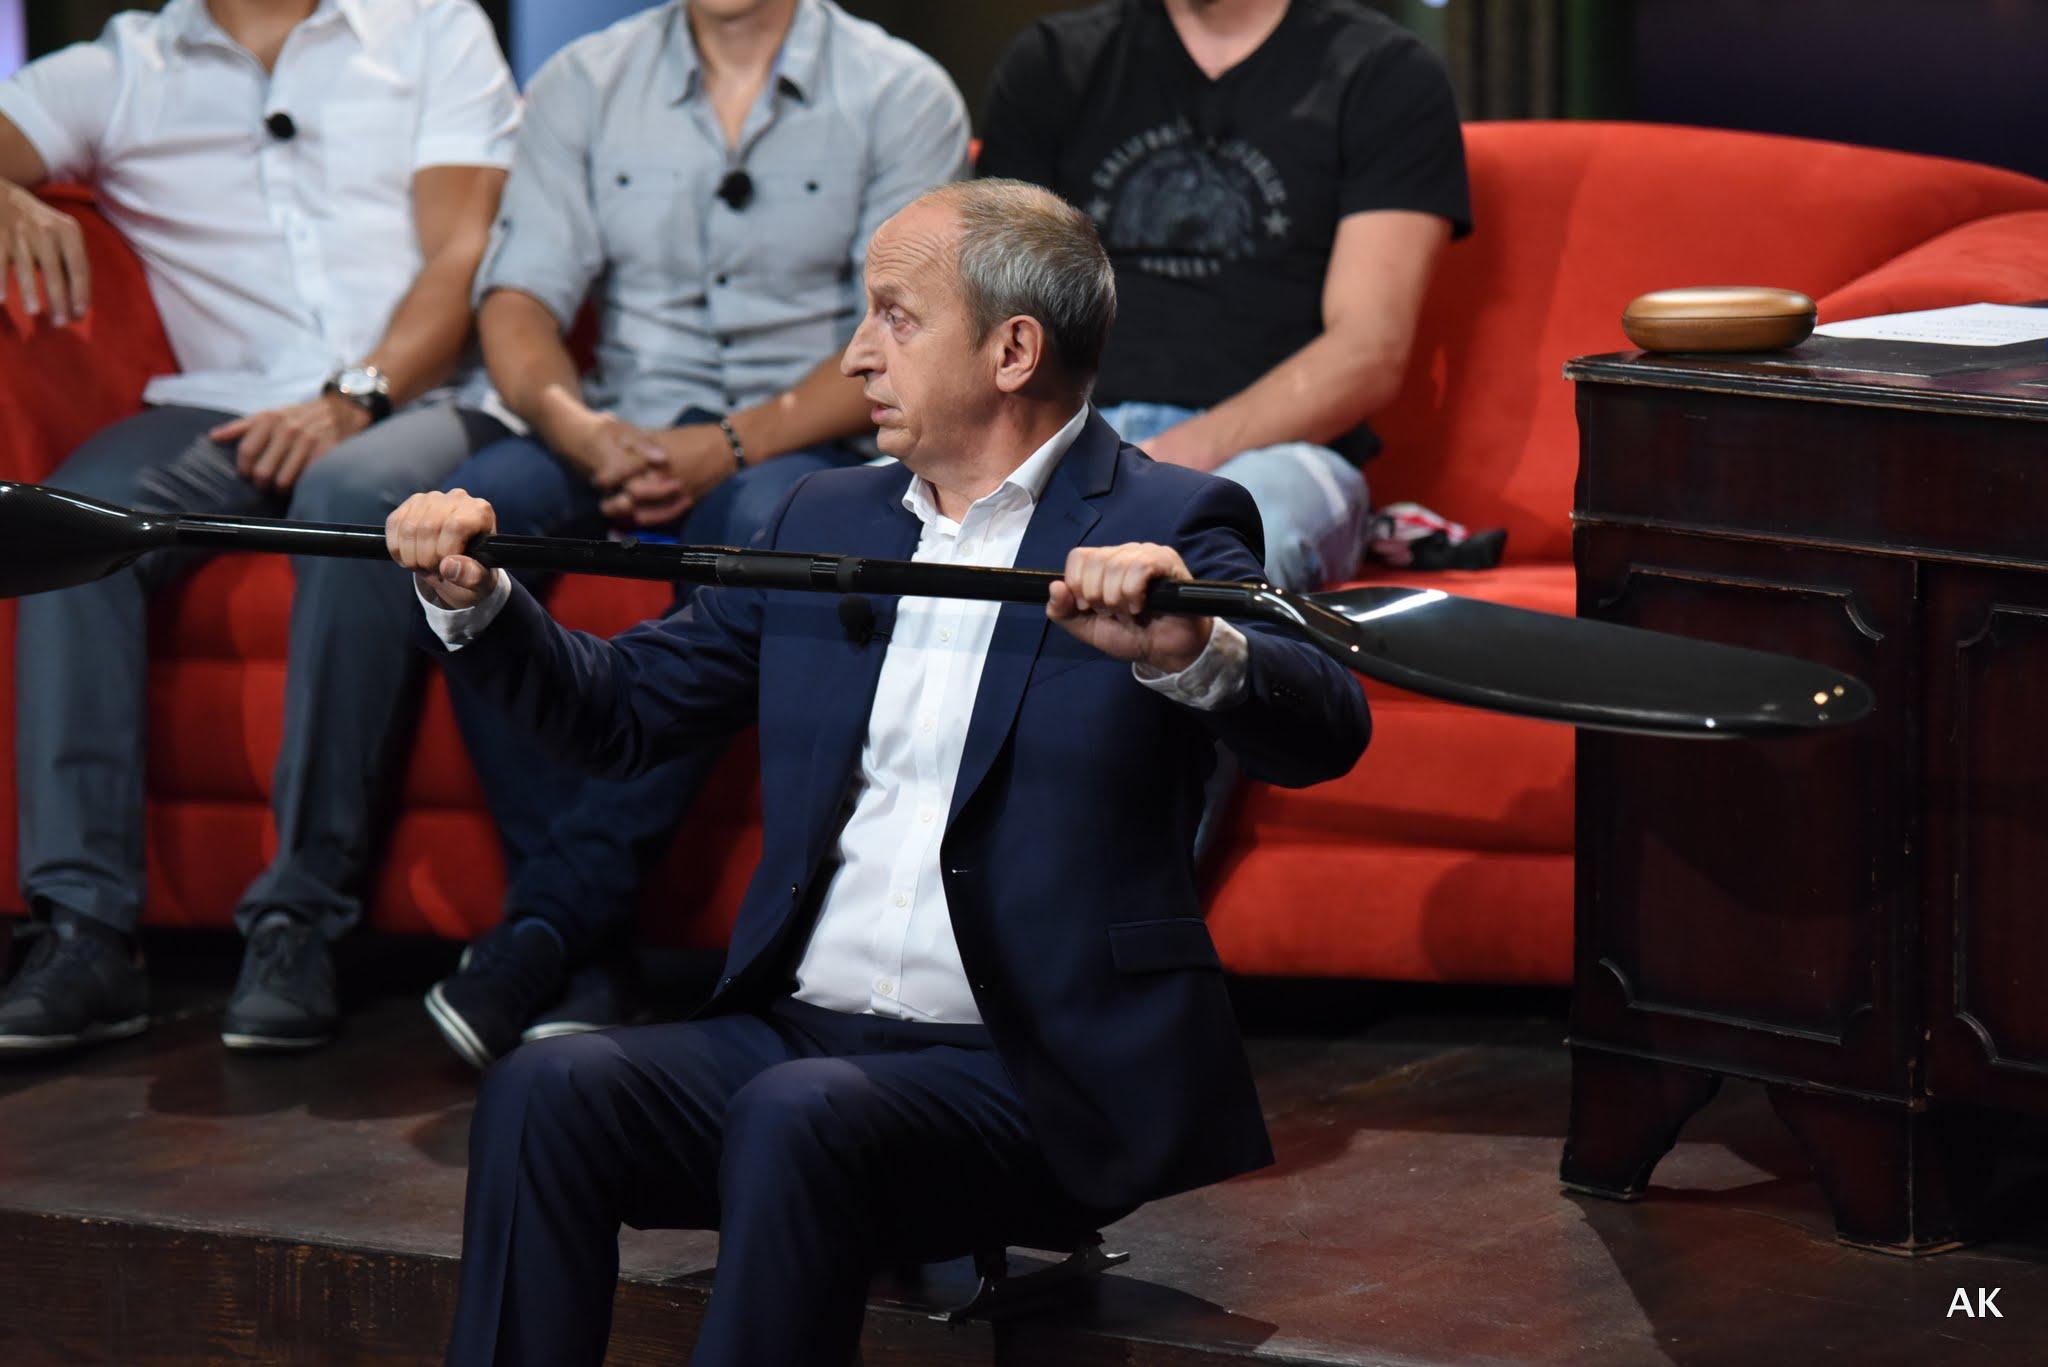 Jan Kraus zkouší pádlovat nasucho – v SJK 31. 8. 2016